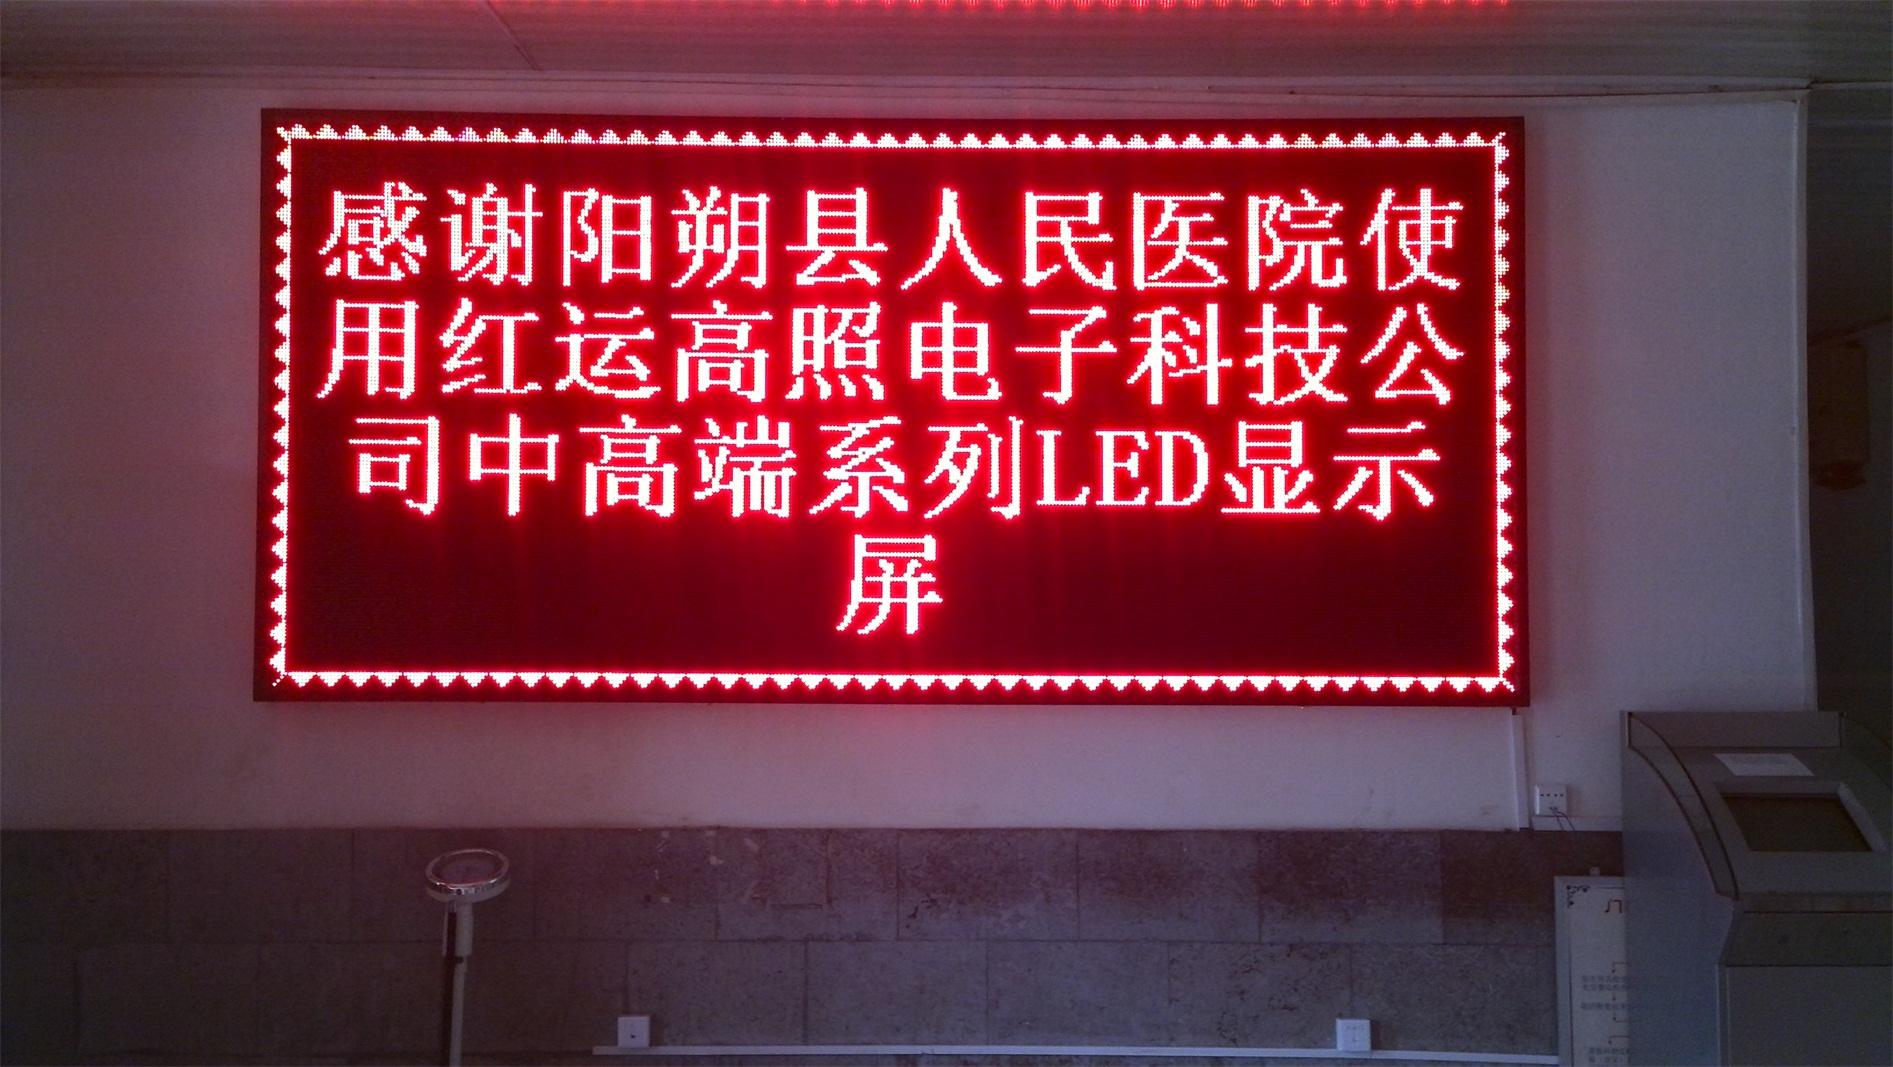 桂林LED电子显示屏